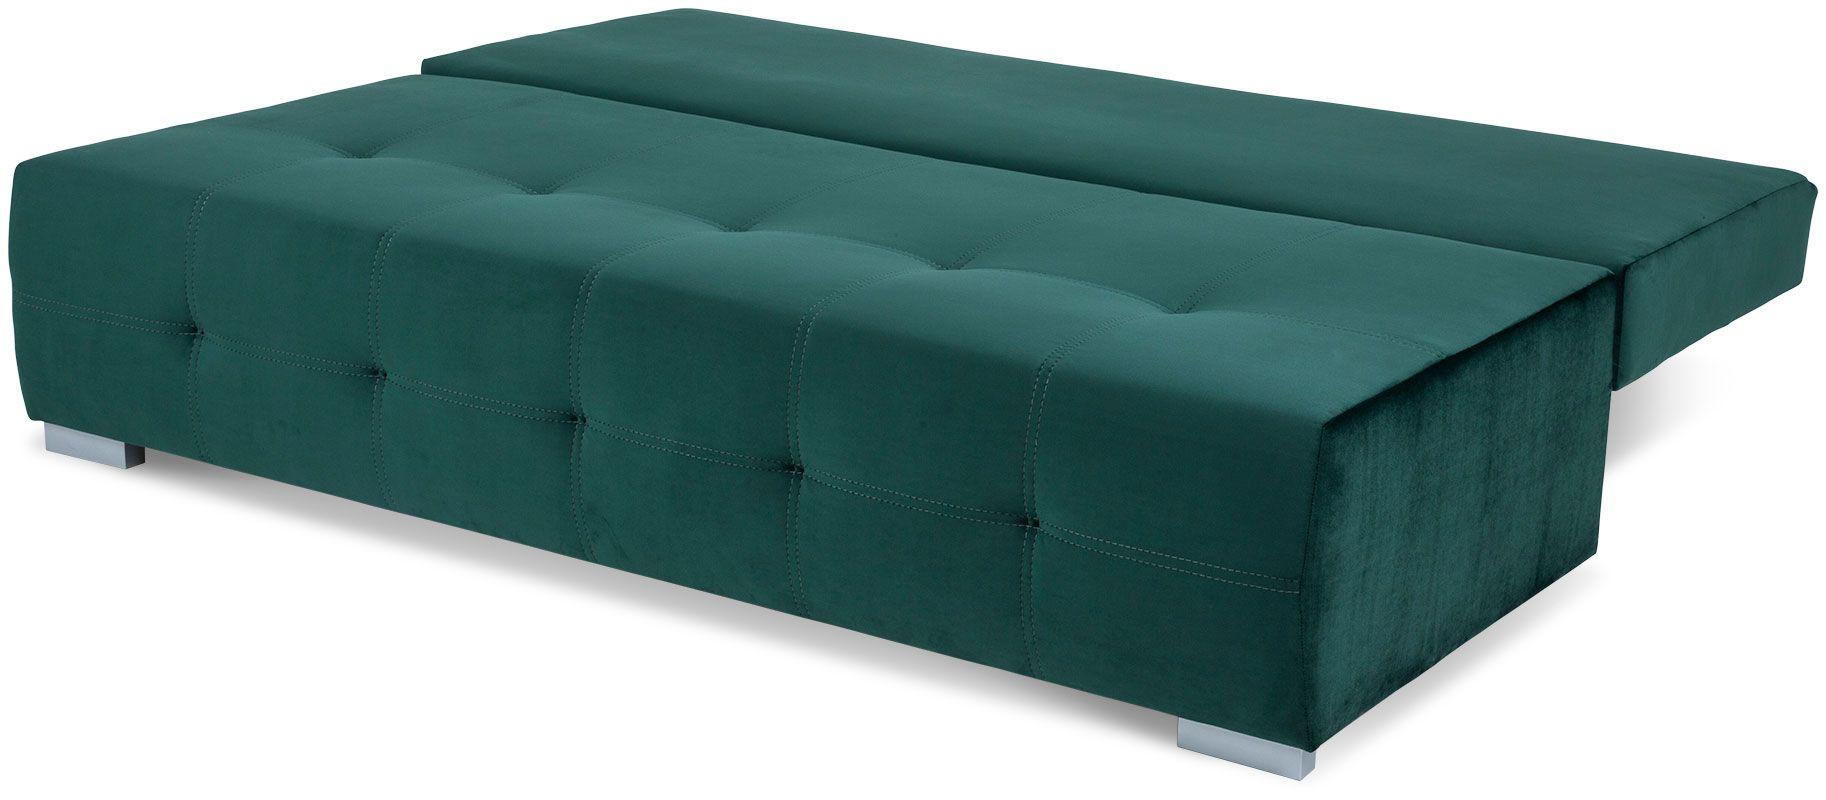 sofa nexia 12